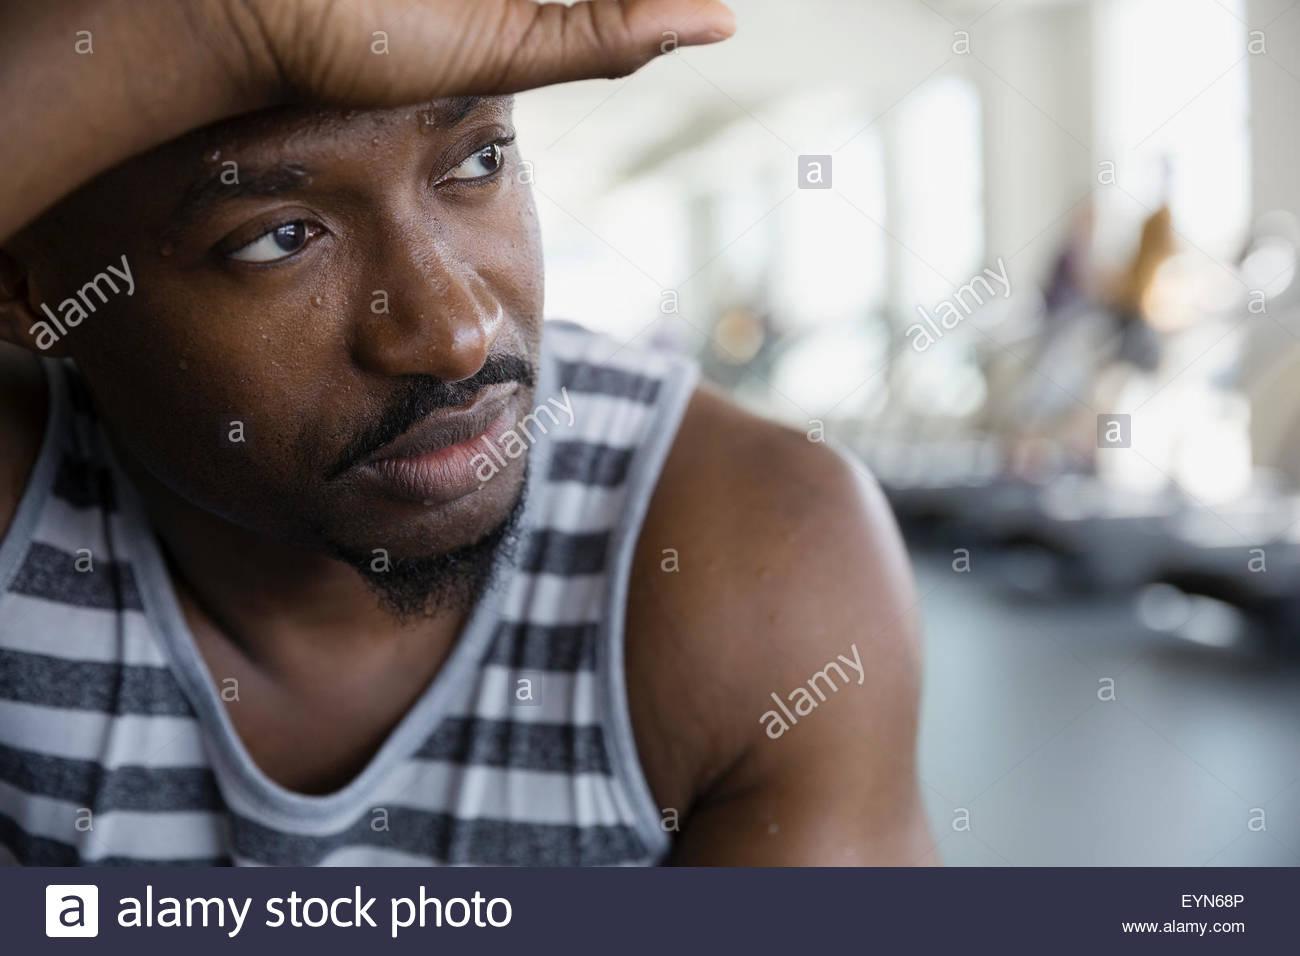 Cerrar retrato hombre cansado mirar lejos gimnasio Imagen De Stock